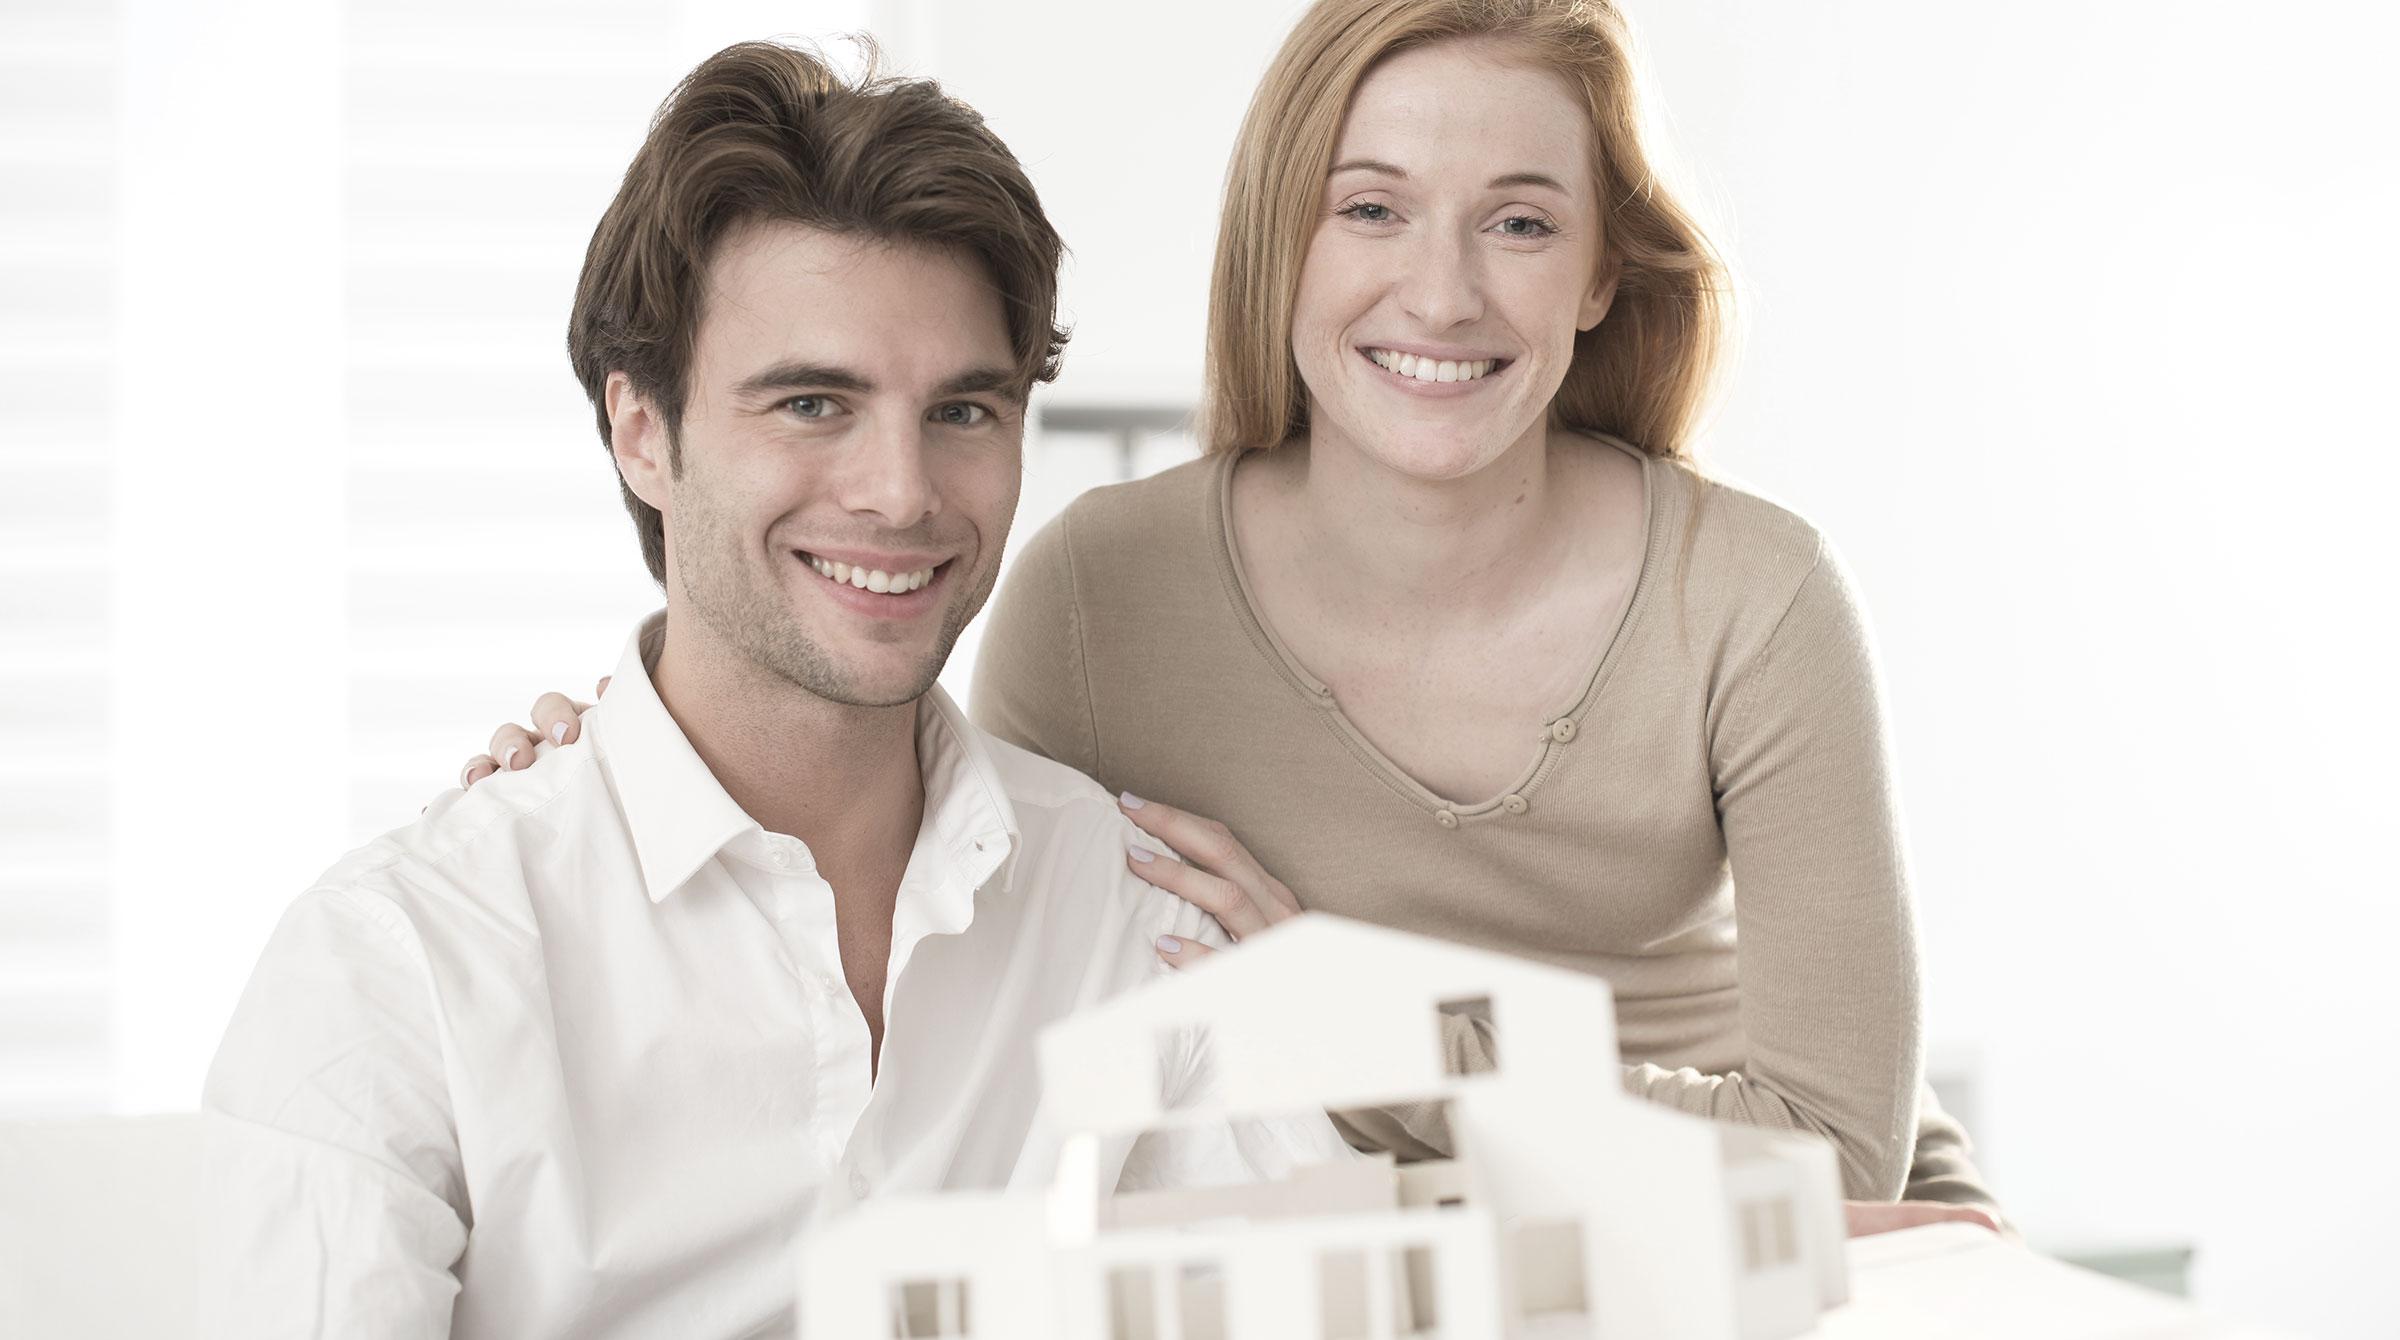 Ratgeber Immobilienfinanzierung: So planen Sie Ihre Immobilienkauf oder Hausbau